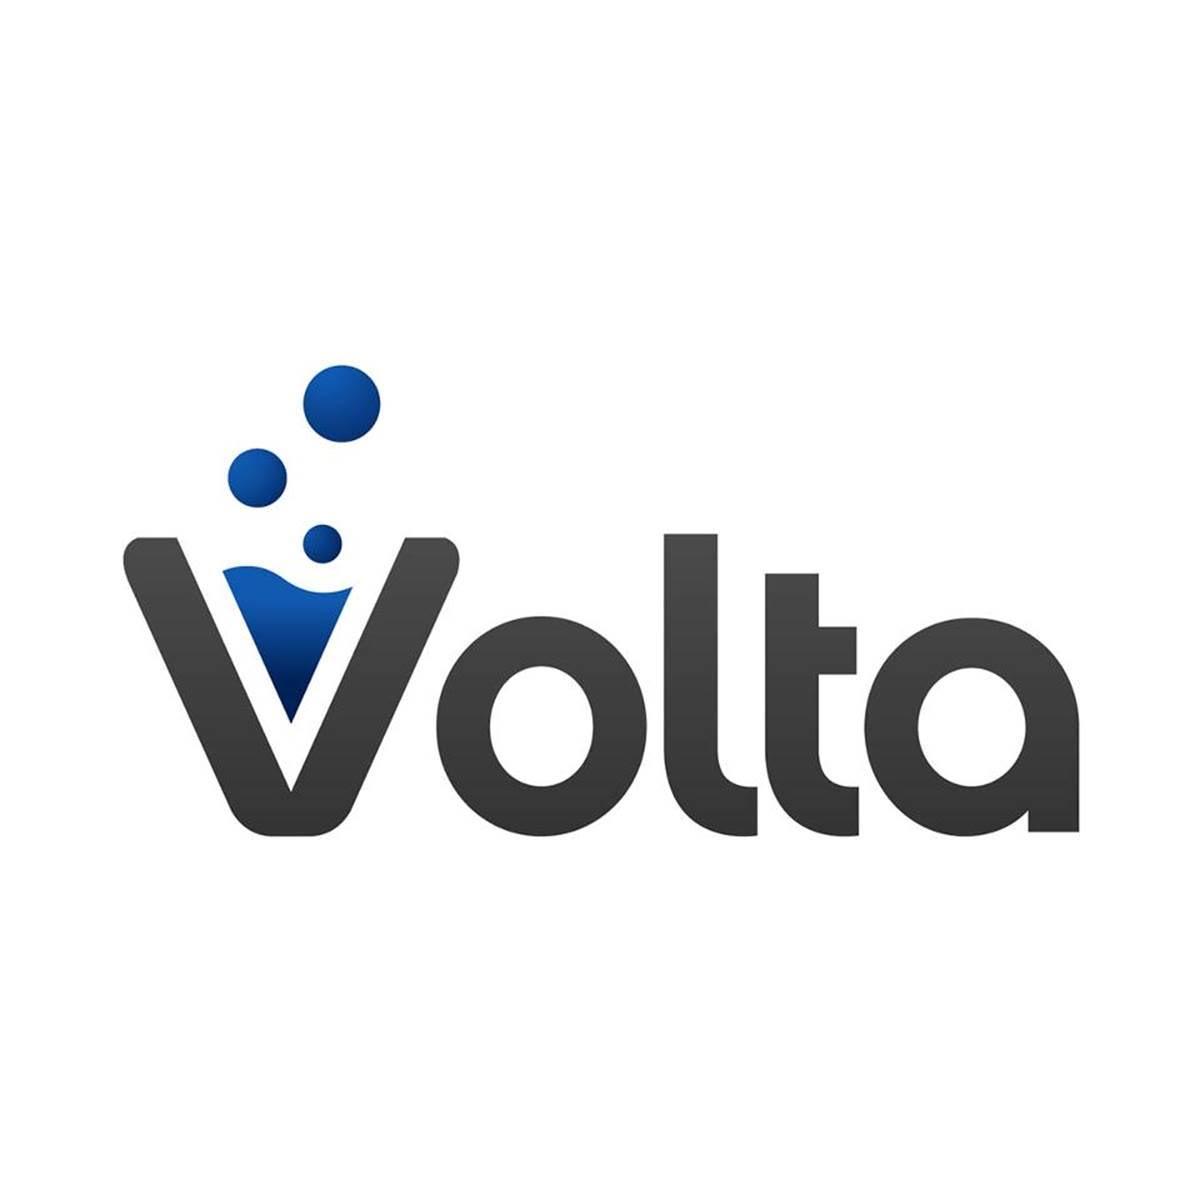 volta_logo1